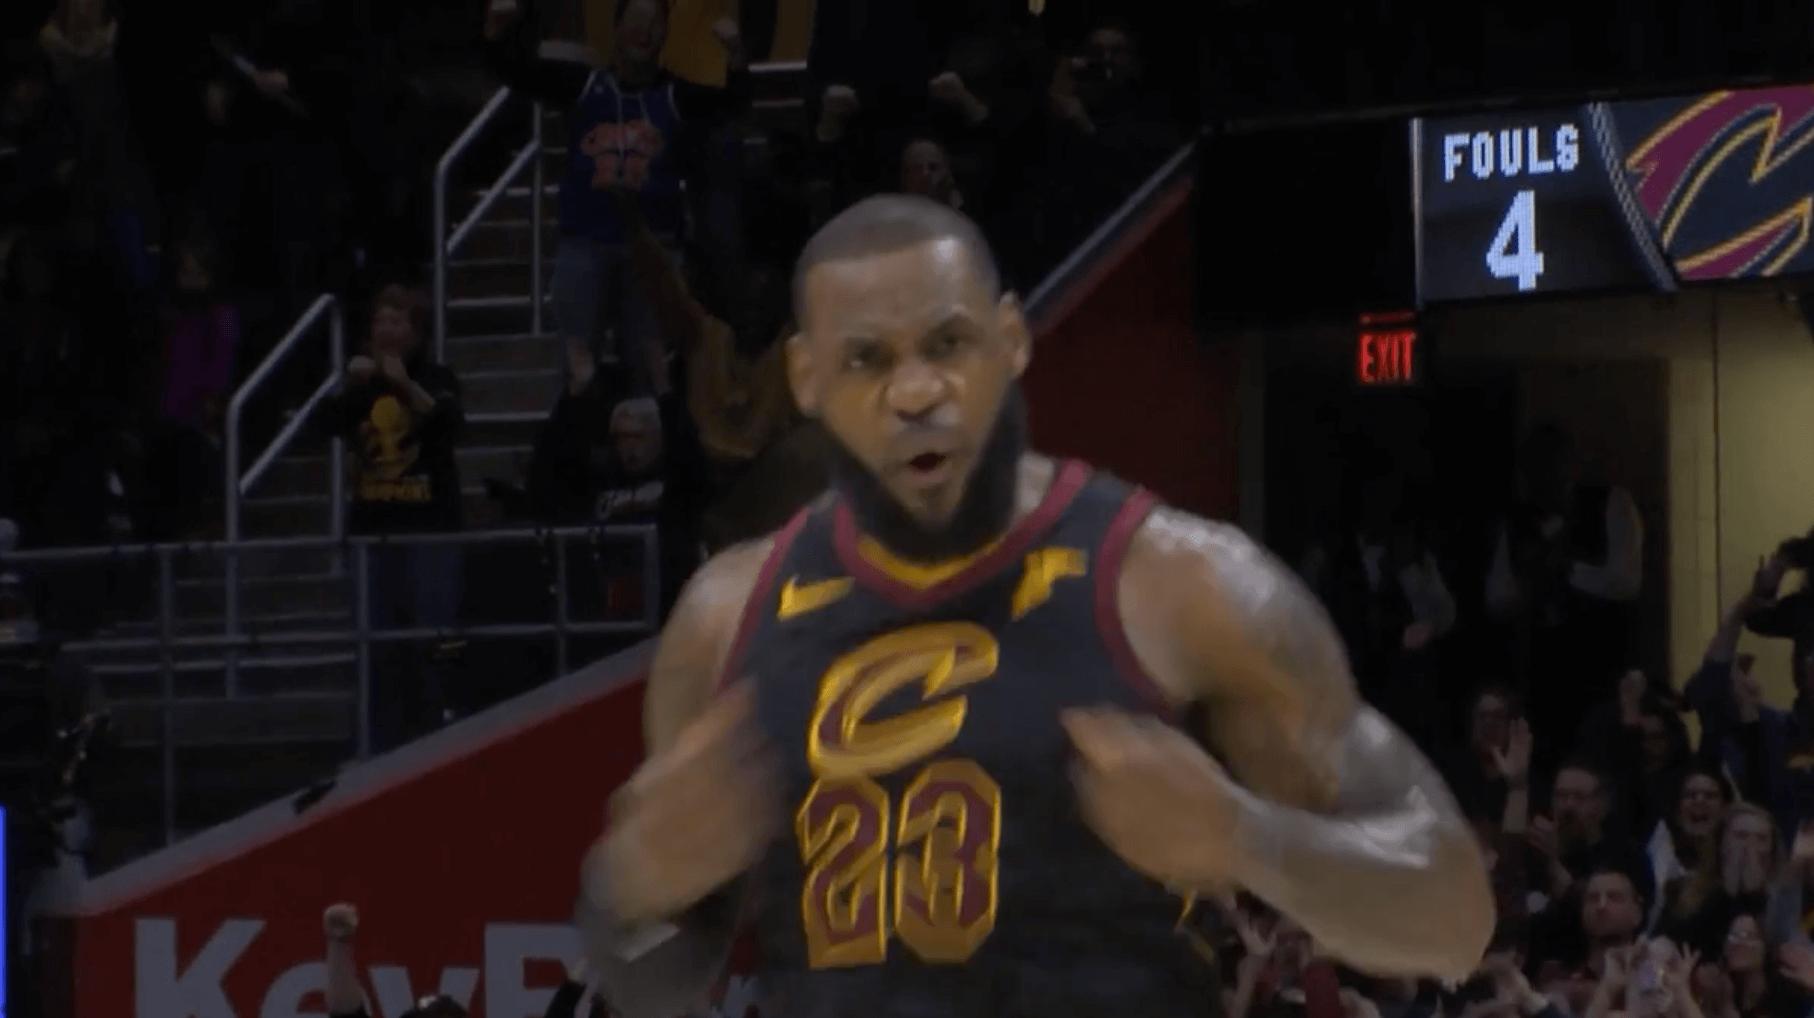 trois points trashtalk LeBron James 15s buzzer